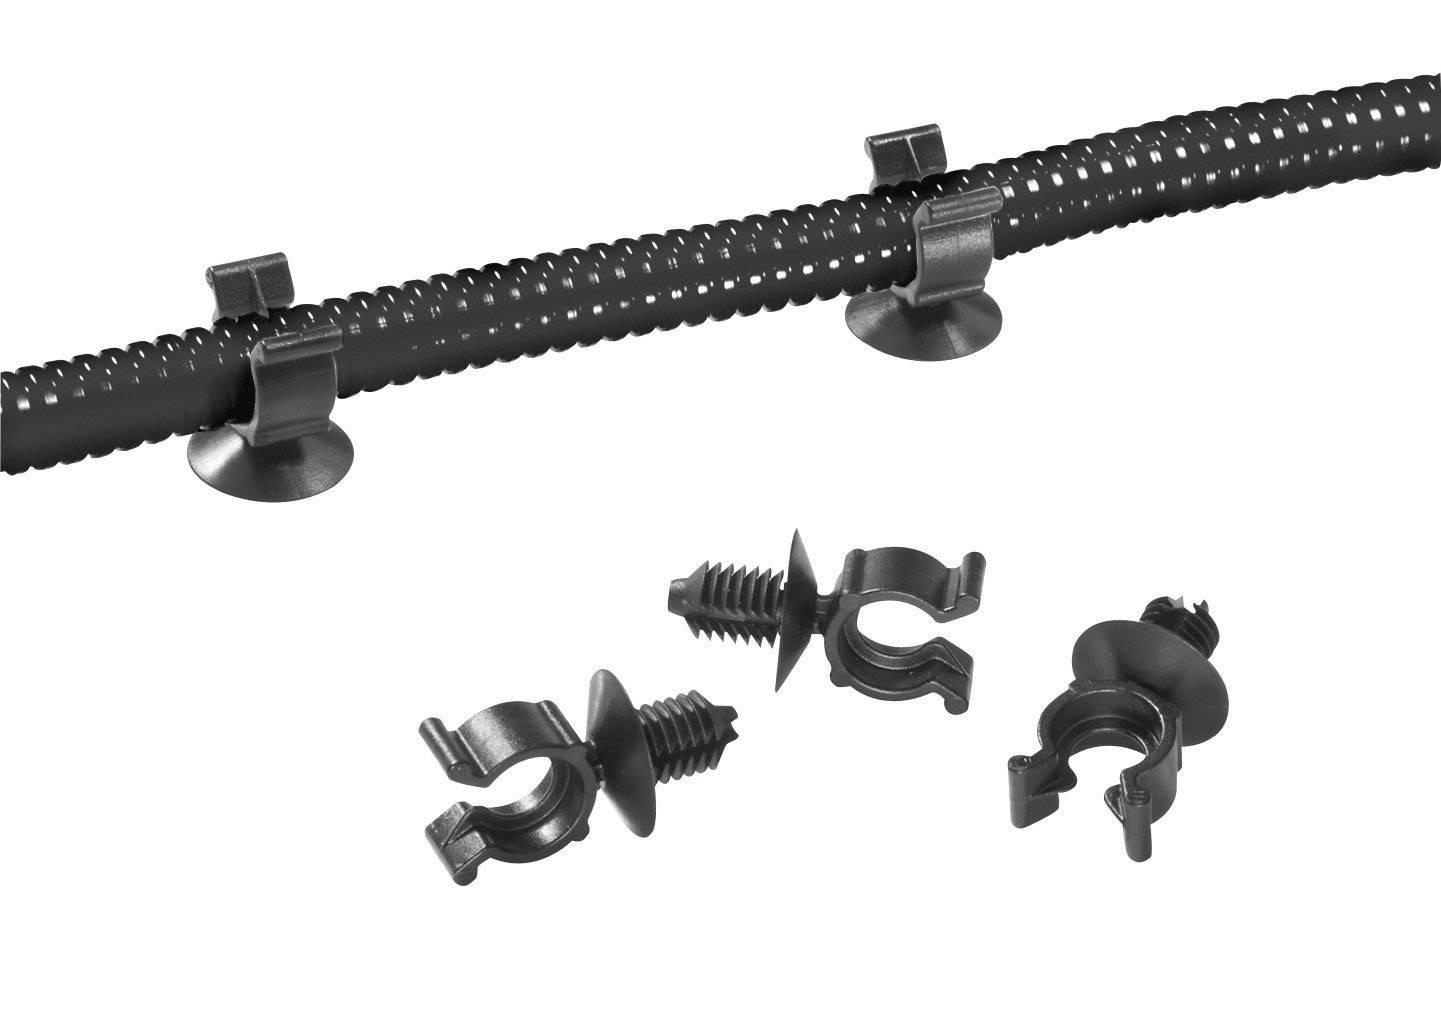 Držák ochranné hadice HellermannTyton CTC13FT6-HIRHS-BK-D1 151-14312, černá, 1 ks